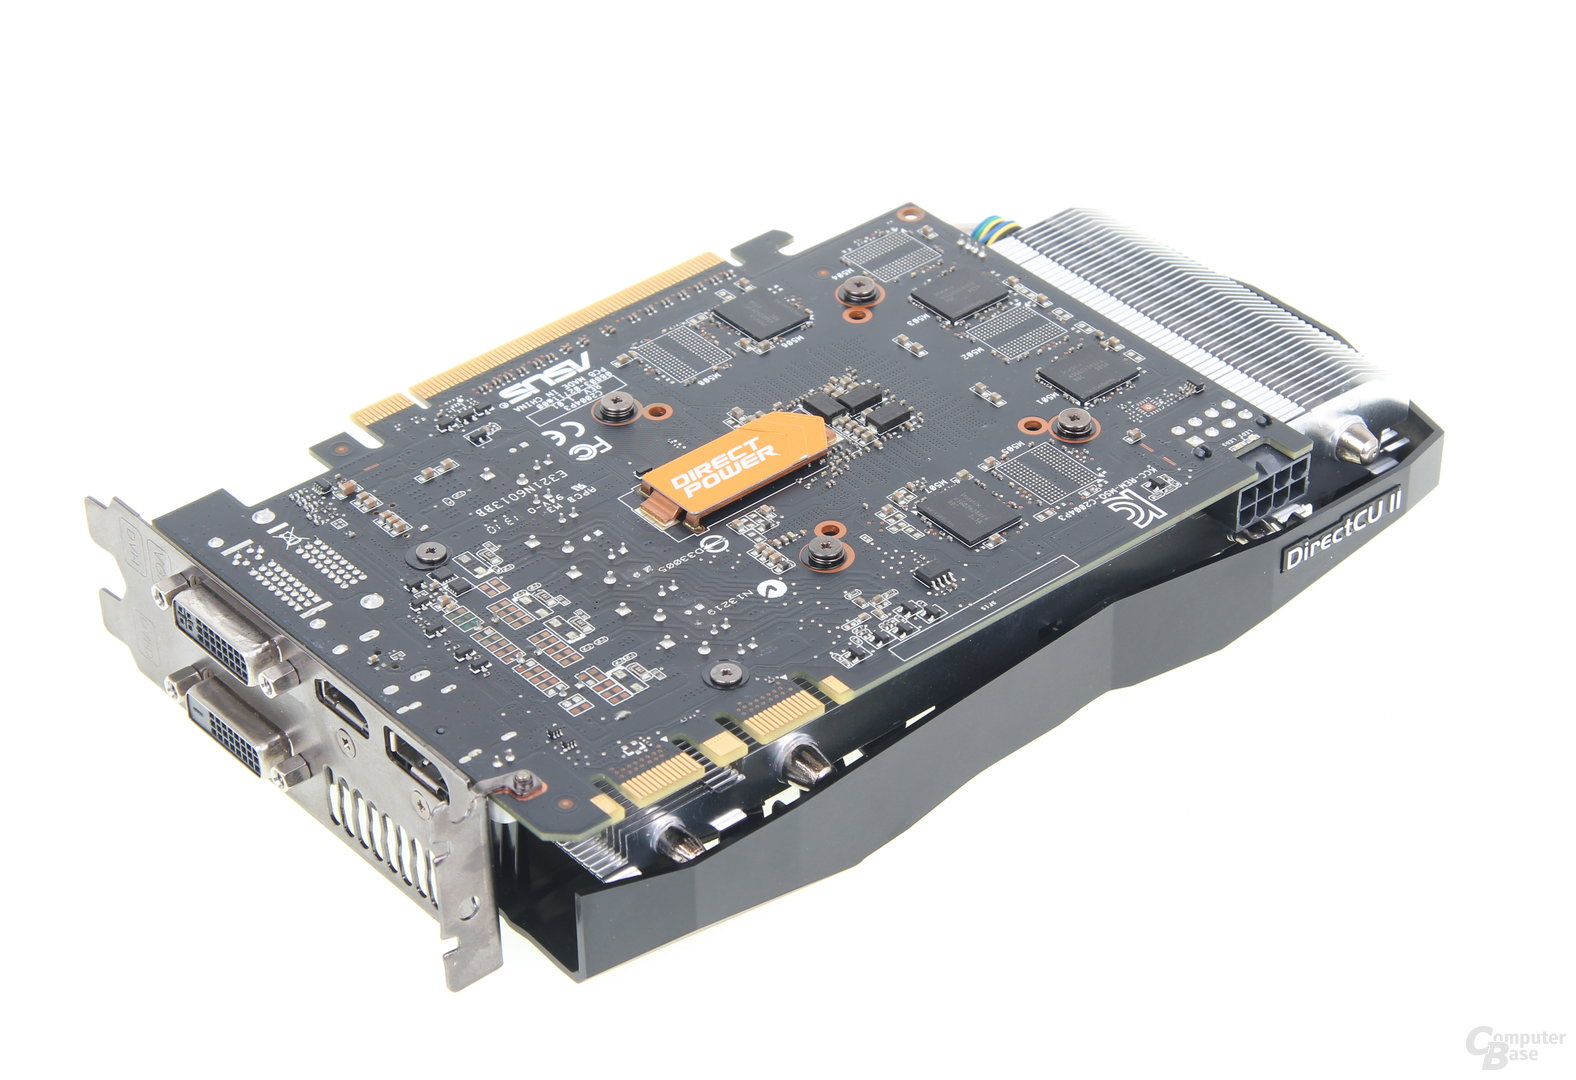 Asus Geforce GTX 760 DirectCU II OC - PCB